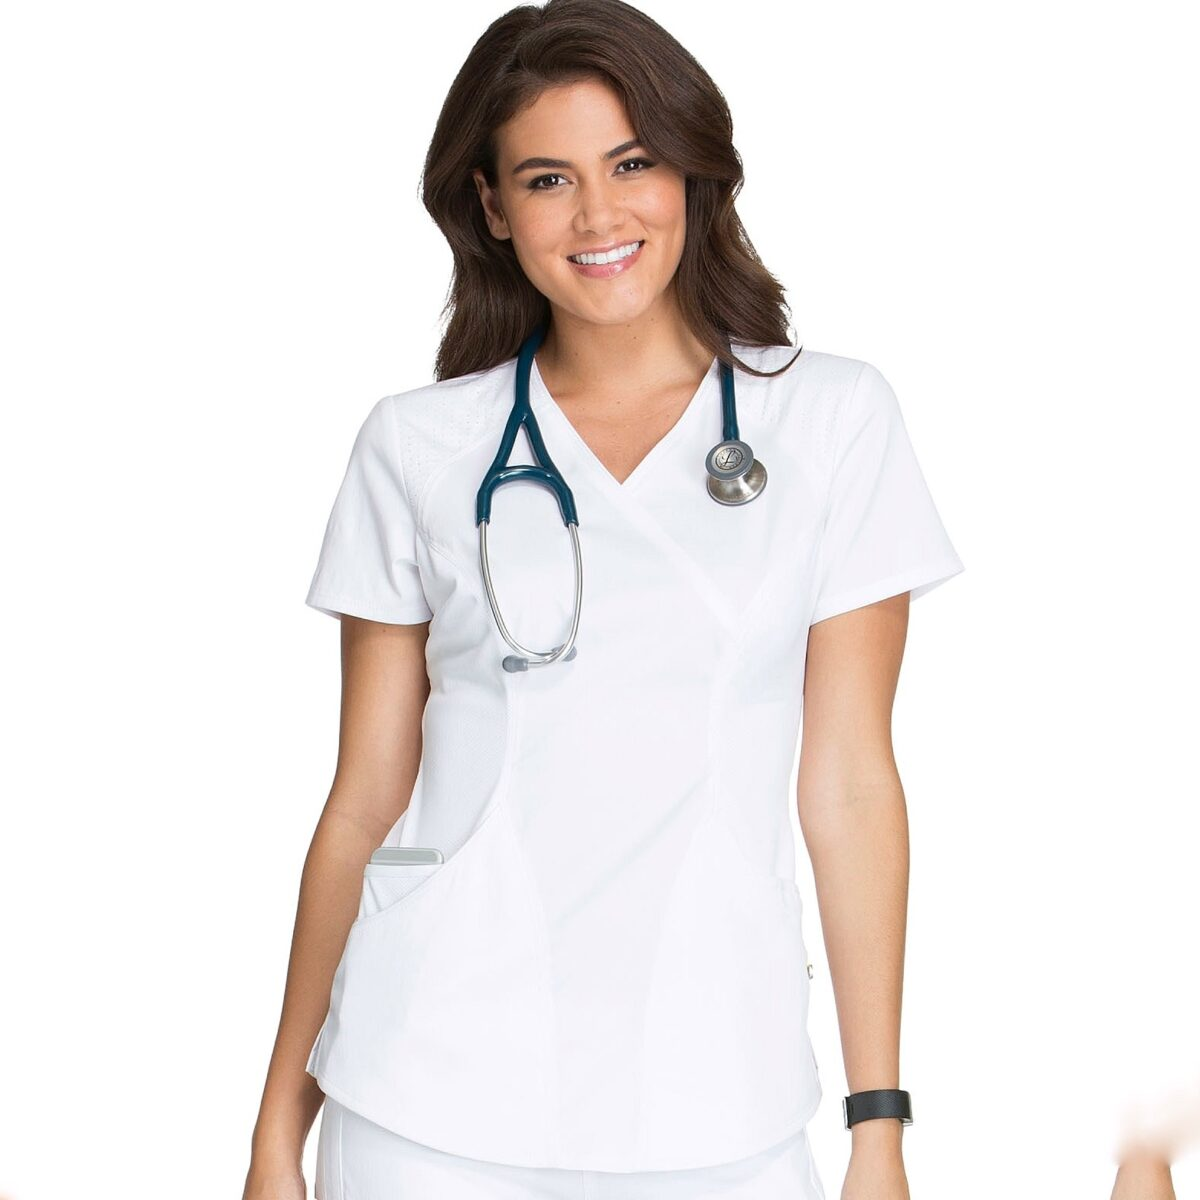 Женский медицинский костюм Lux sport цвет белый